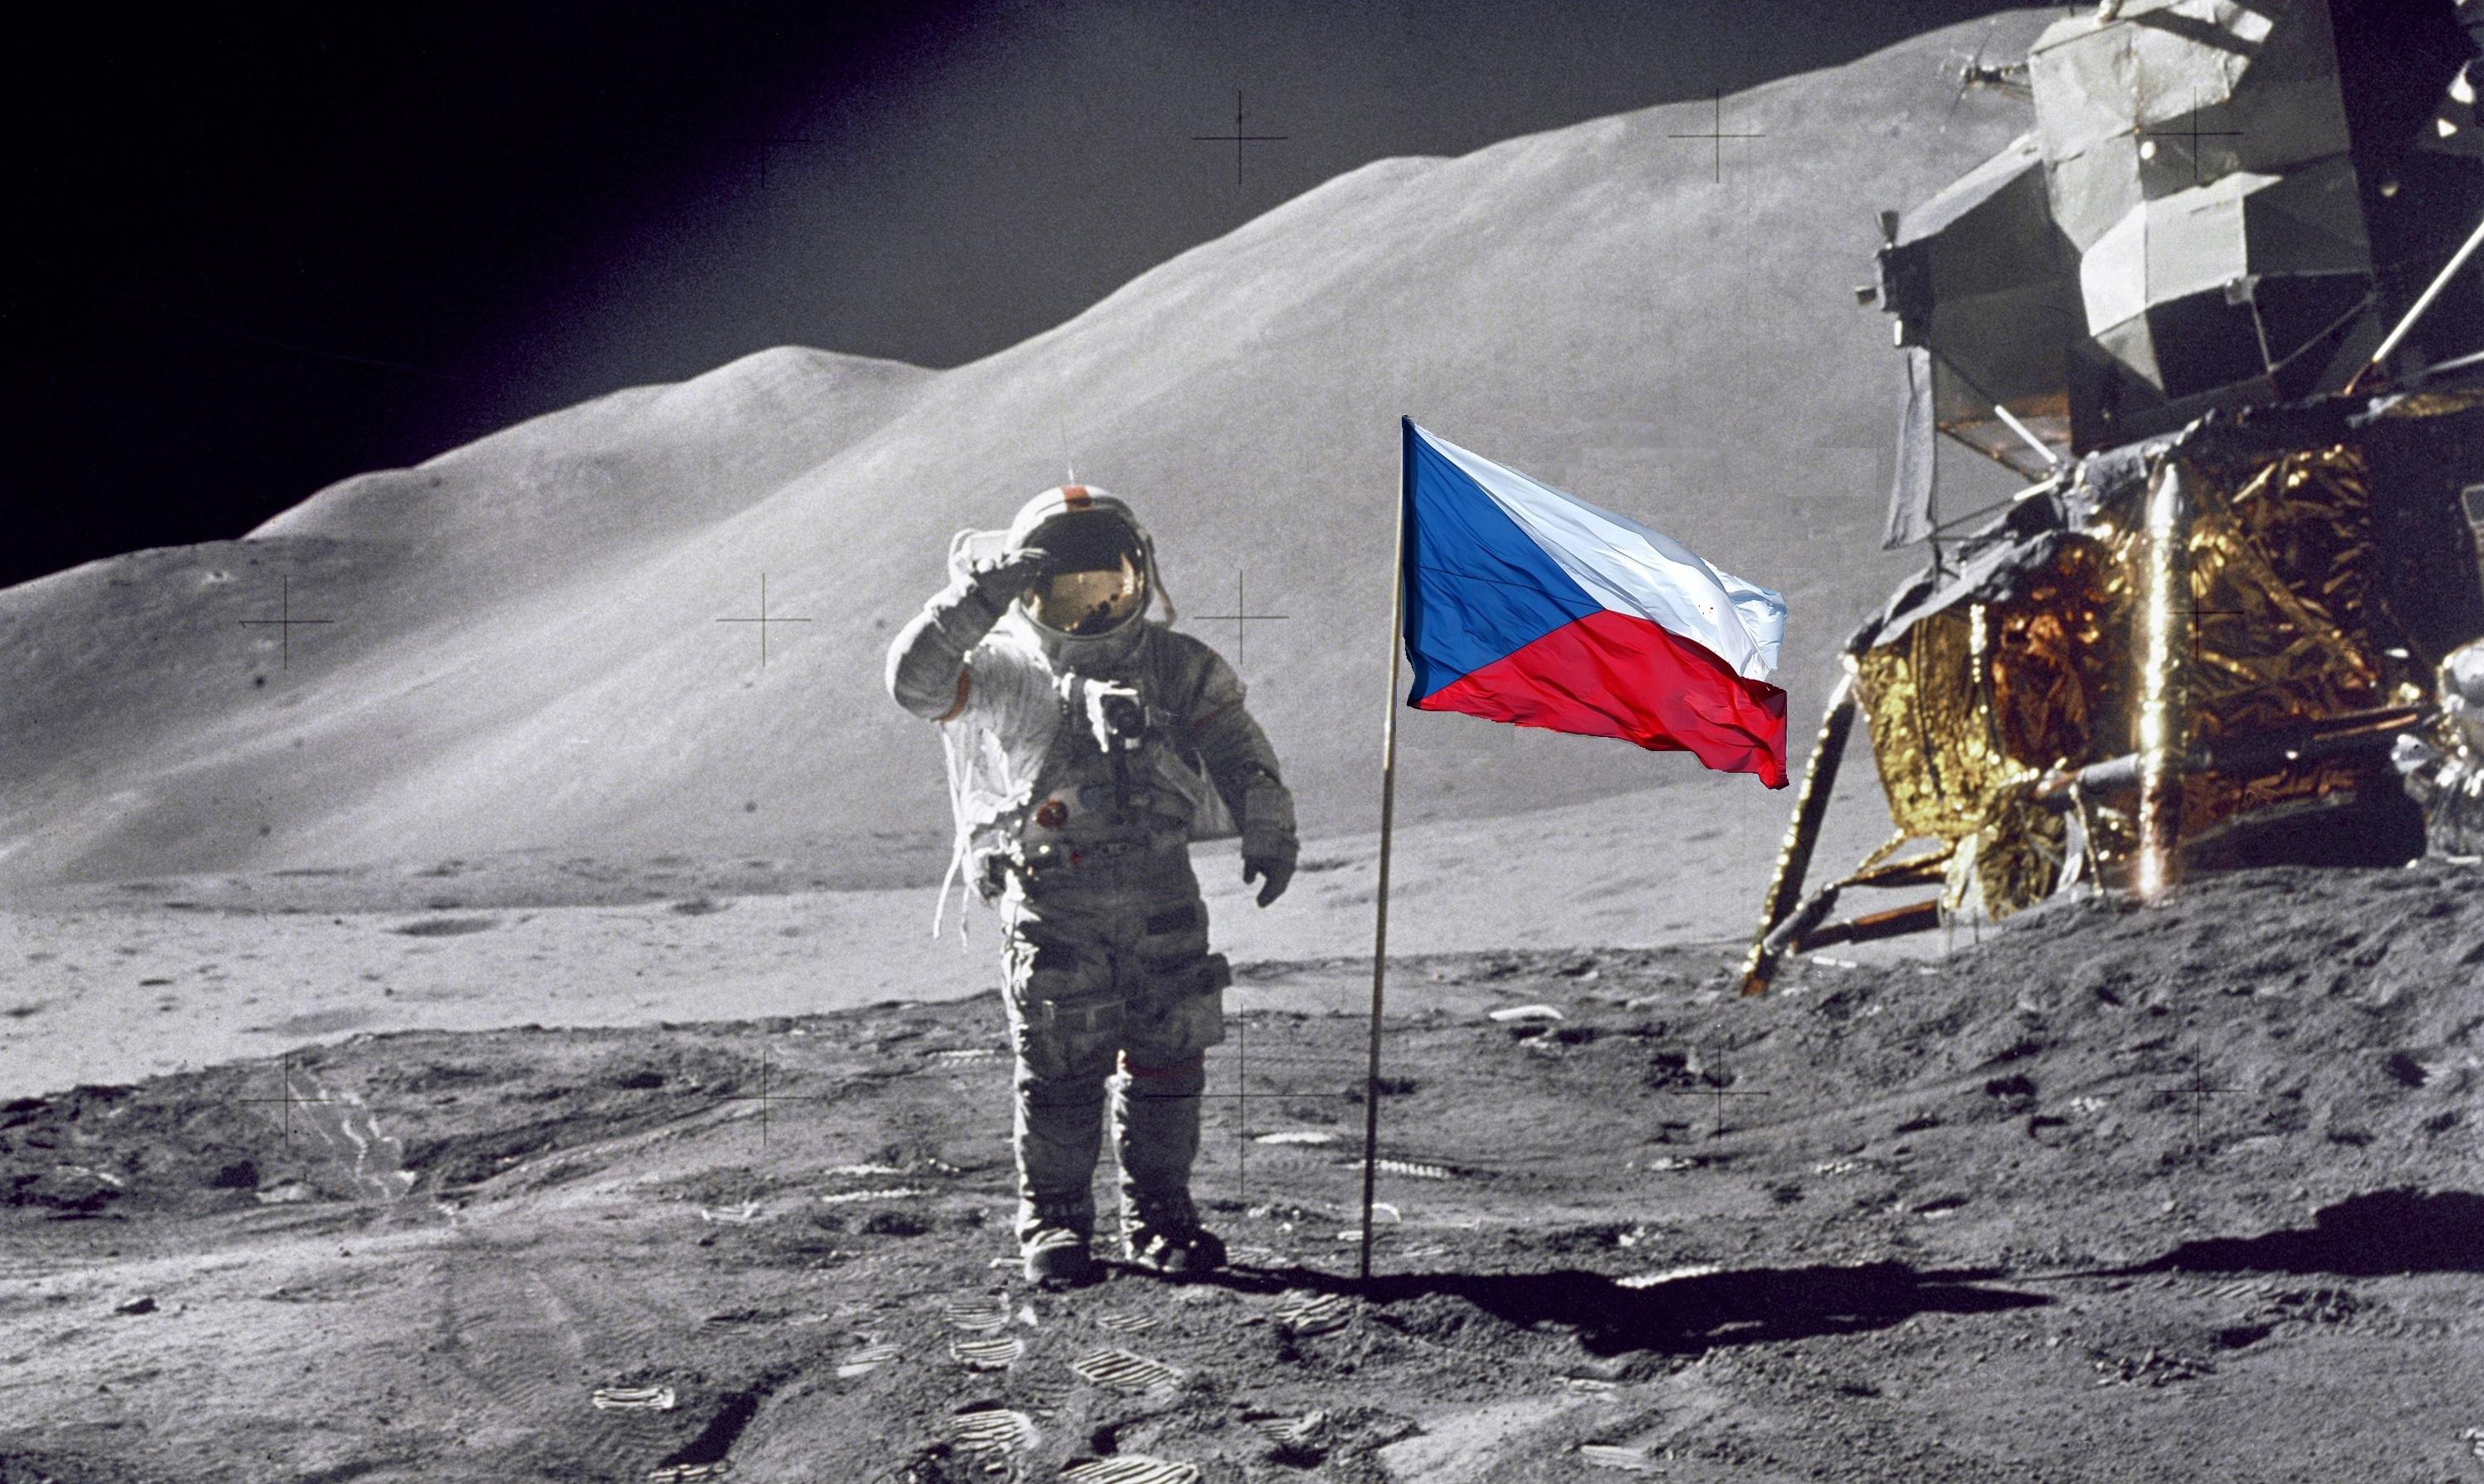 Mise Slavia bude zkoumat možnosti těžby surovin na asteroidech